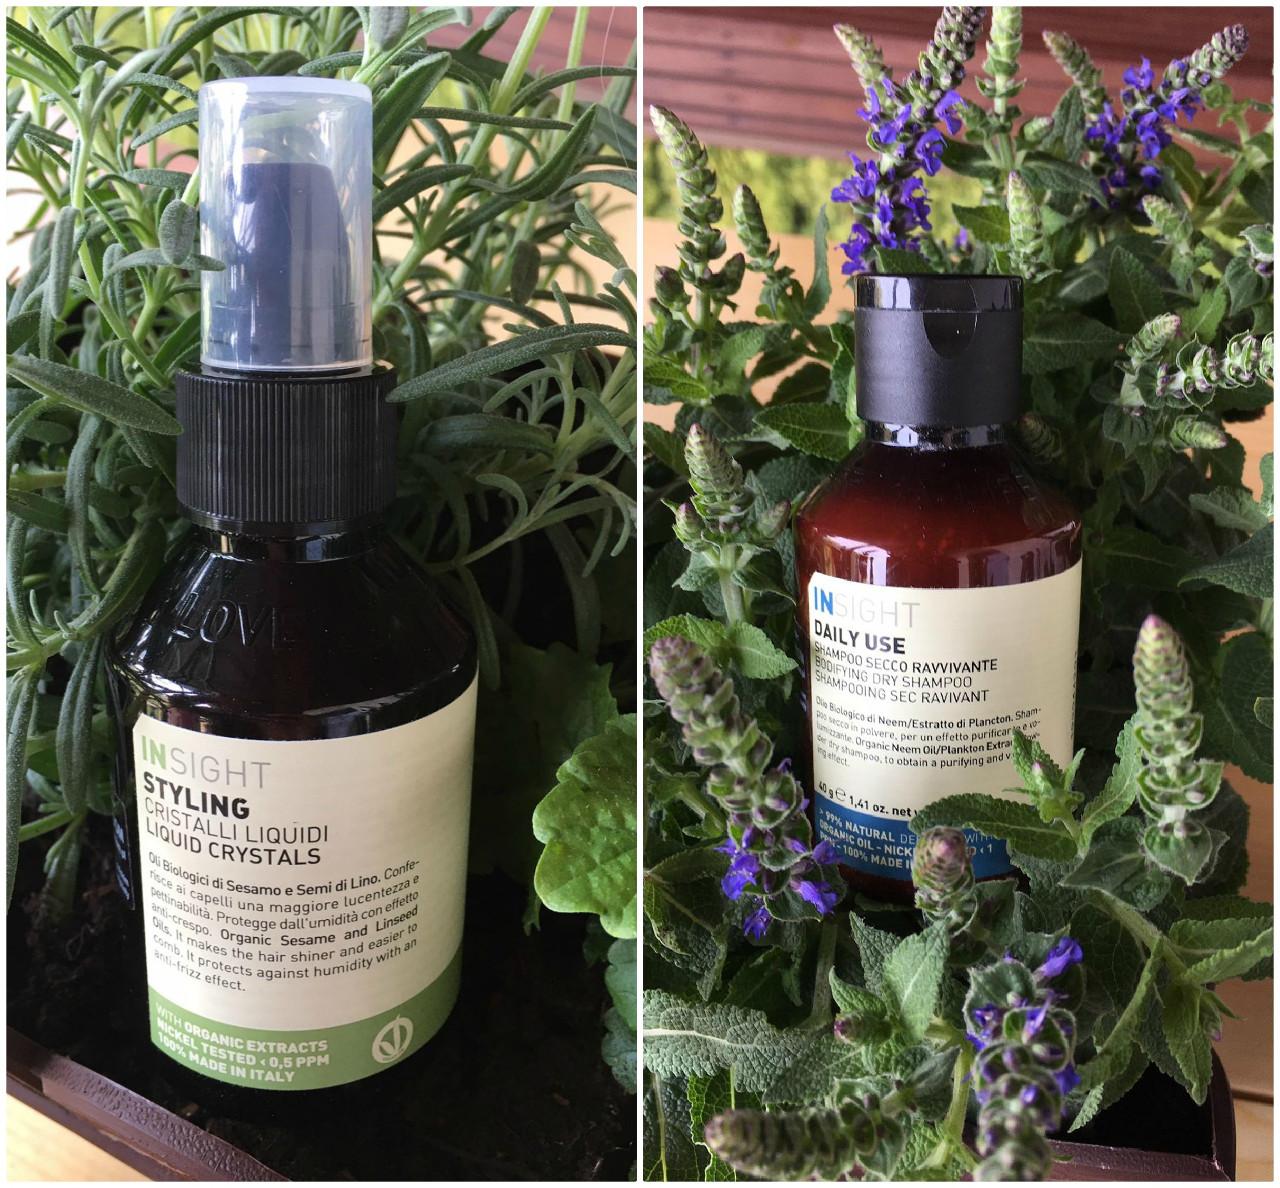 Recenzja kosmetyków do pielęgnacji włosów od marki INSIGHT.